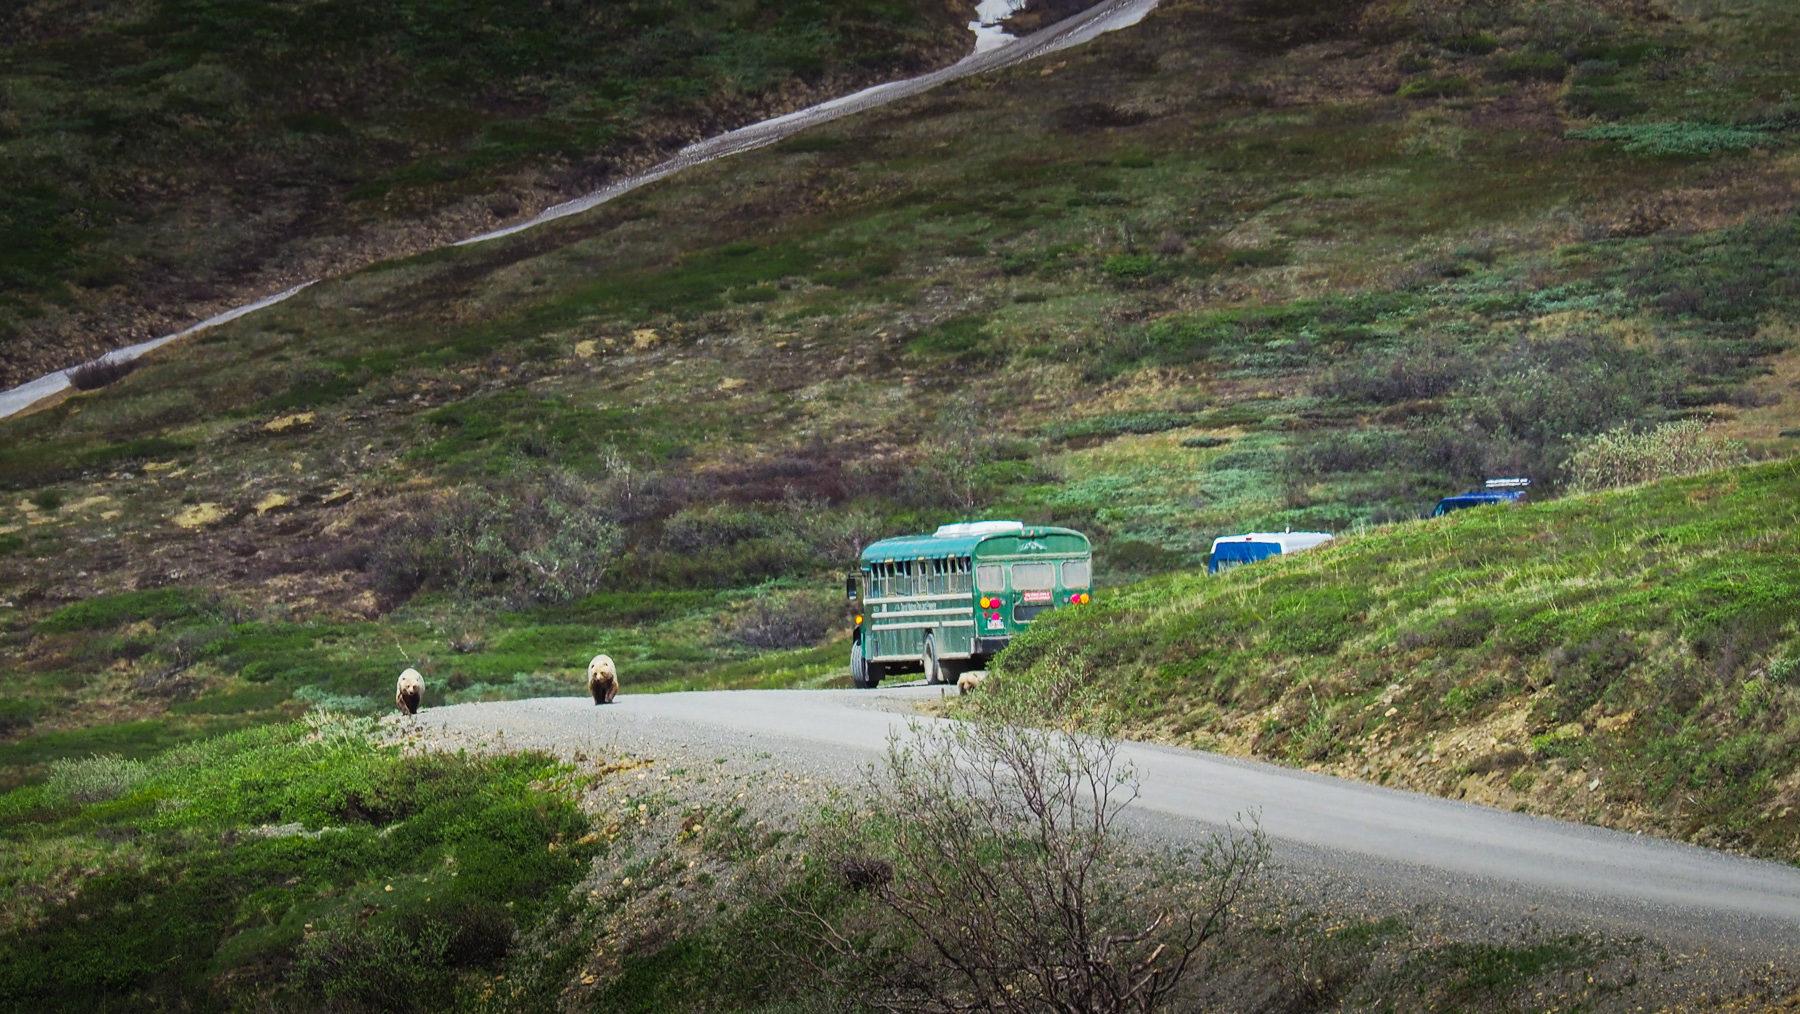 drei Grizzlybären auf der Straße!